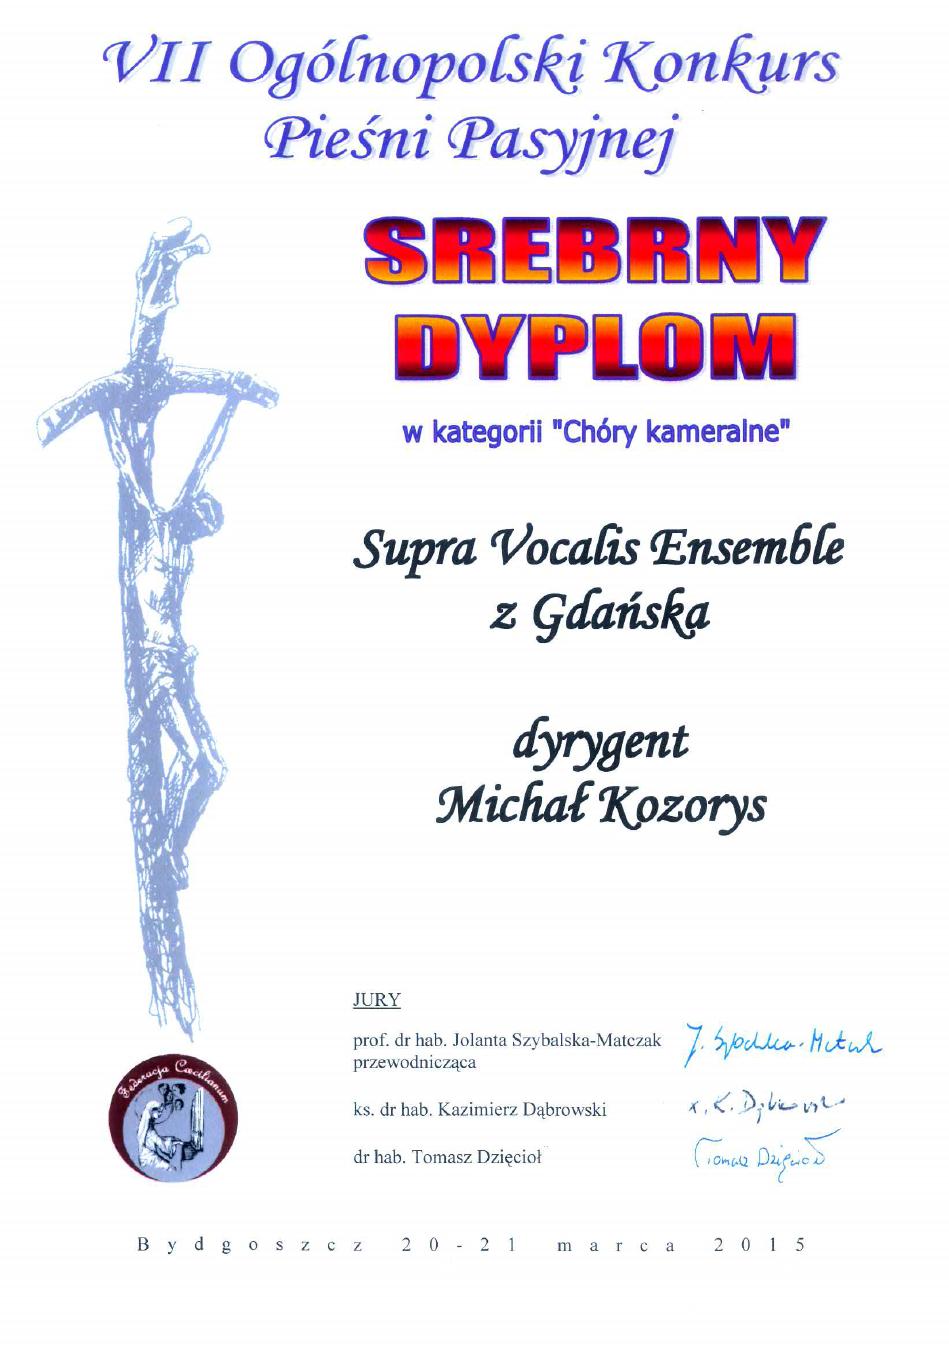 Kozorys_Bydgoszcz_2015_dyplom1